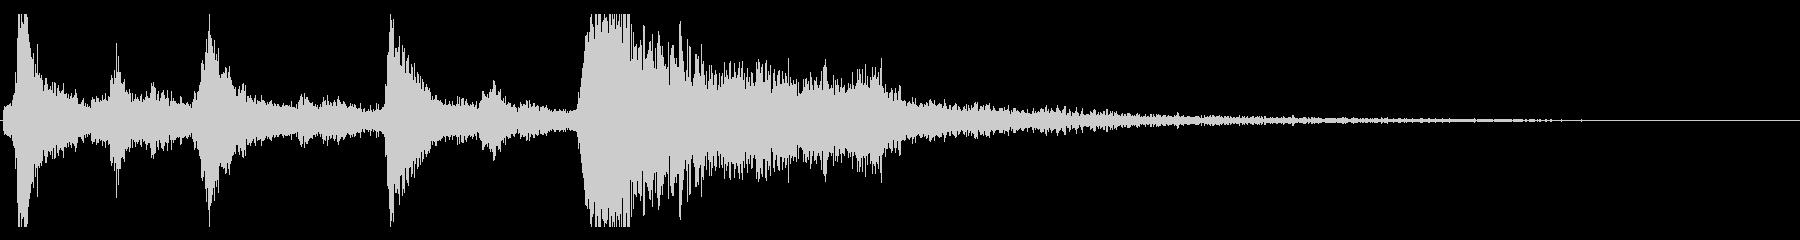 クリスマスのベル、鈴の効果音 ロゴ 12の未再生の波形